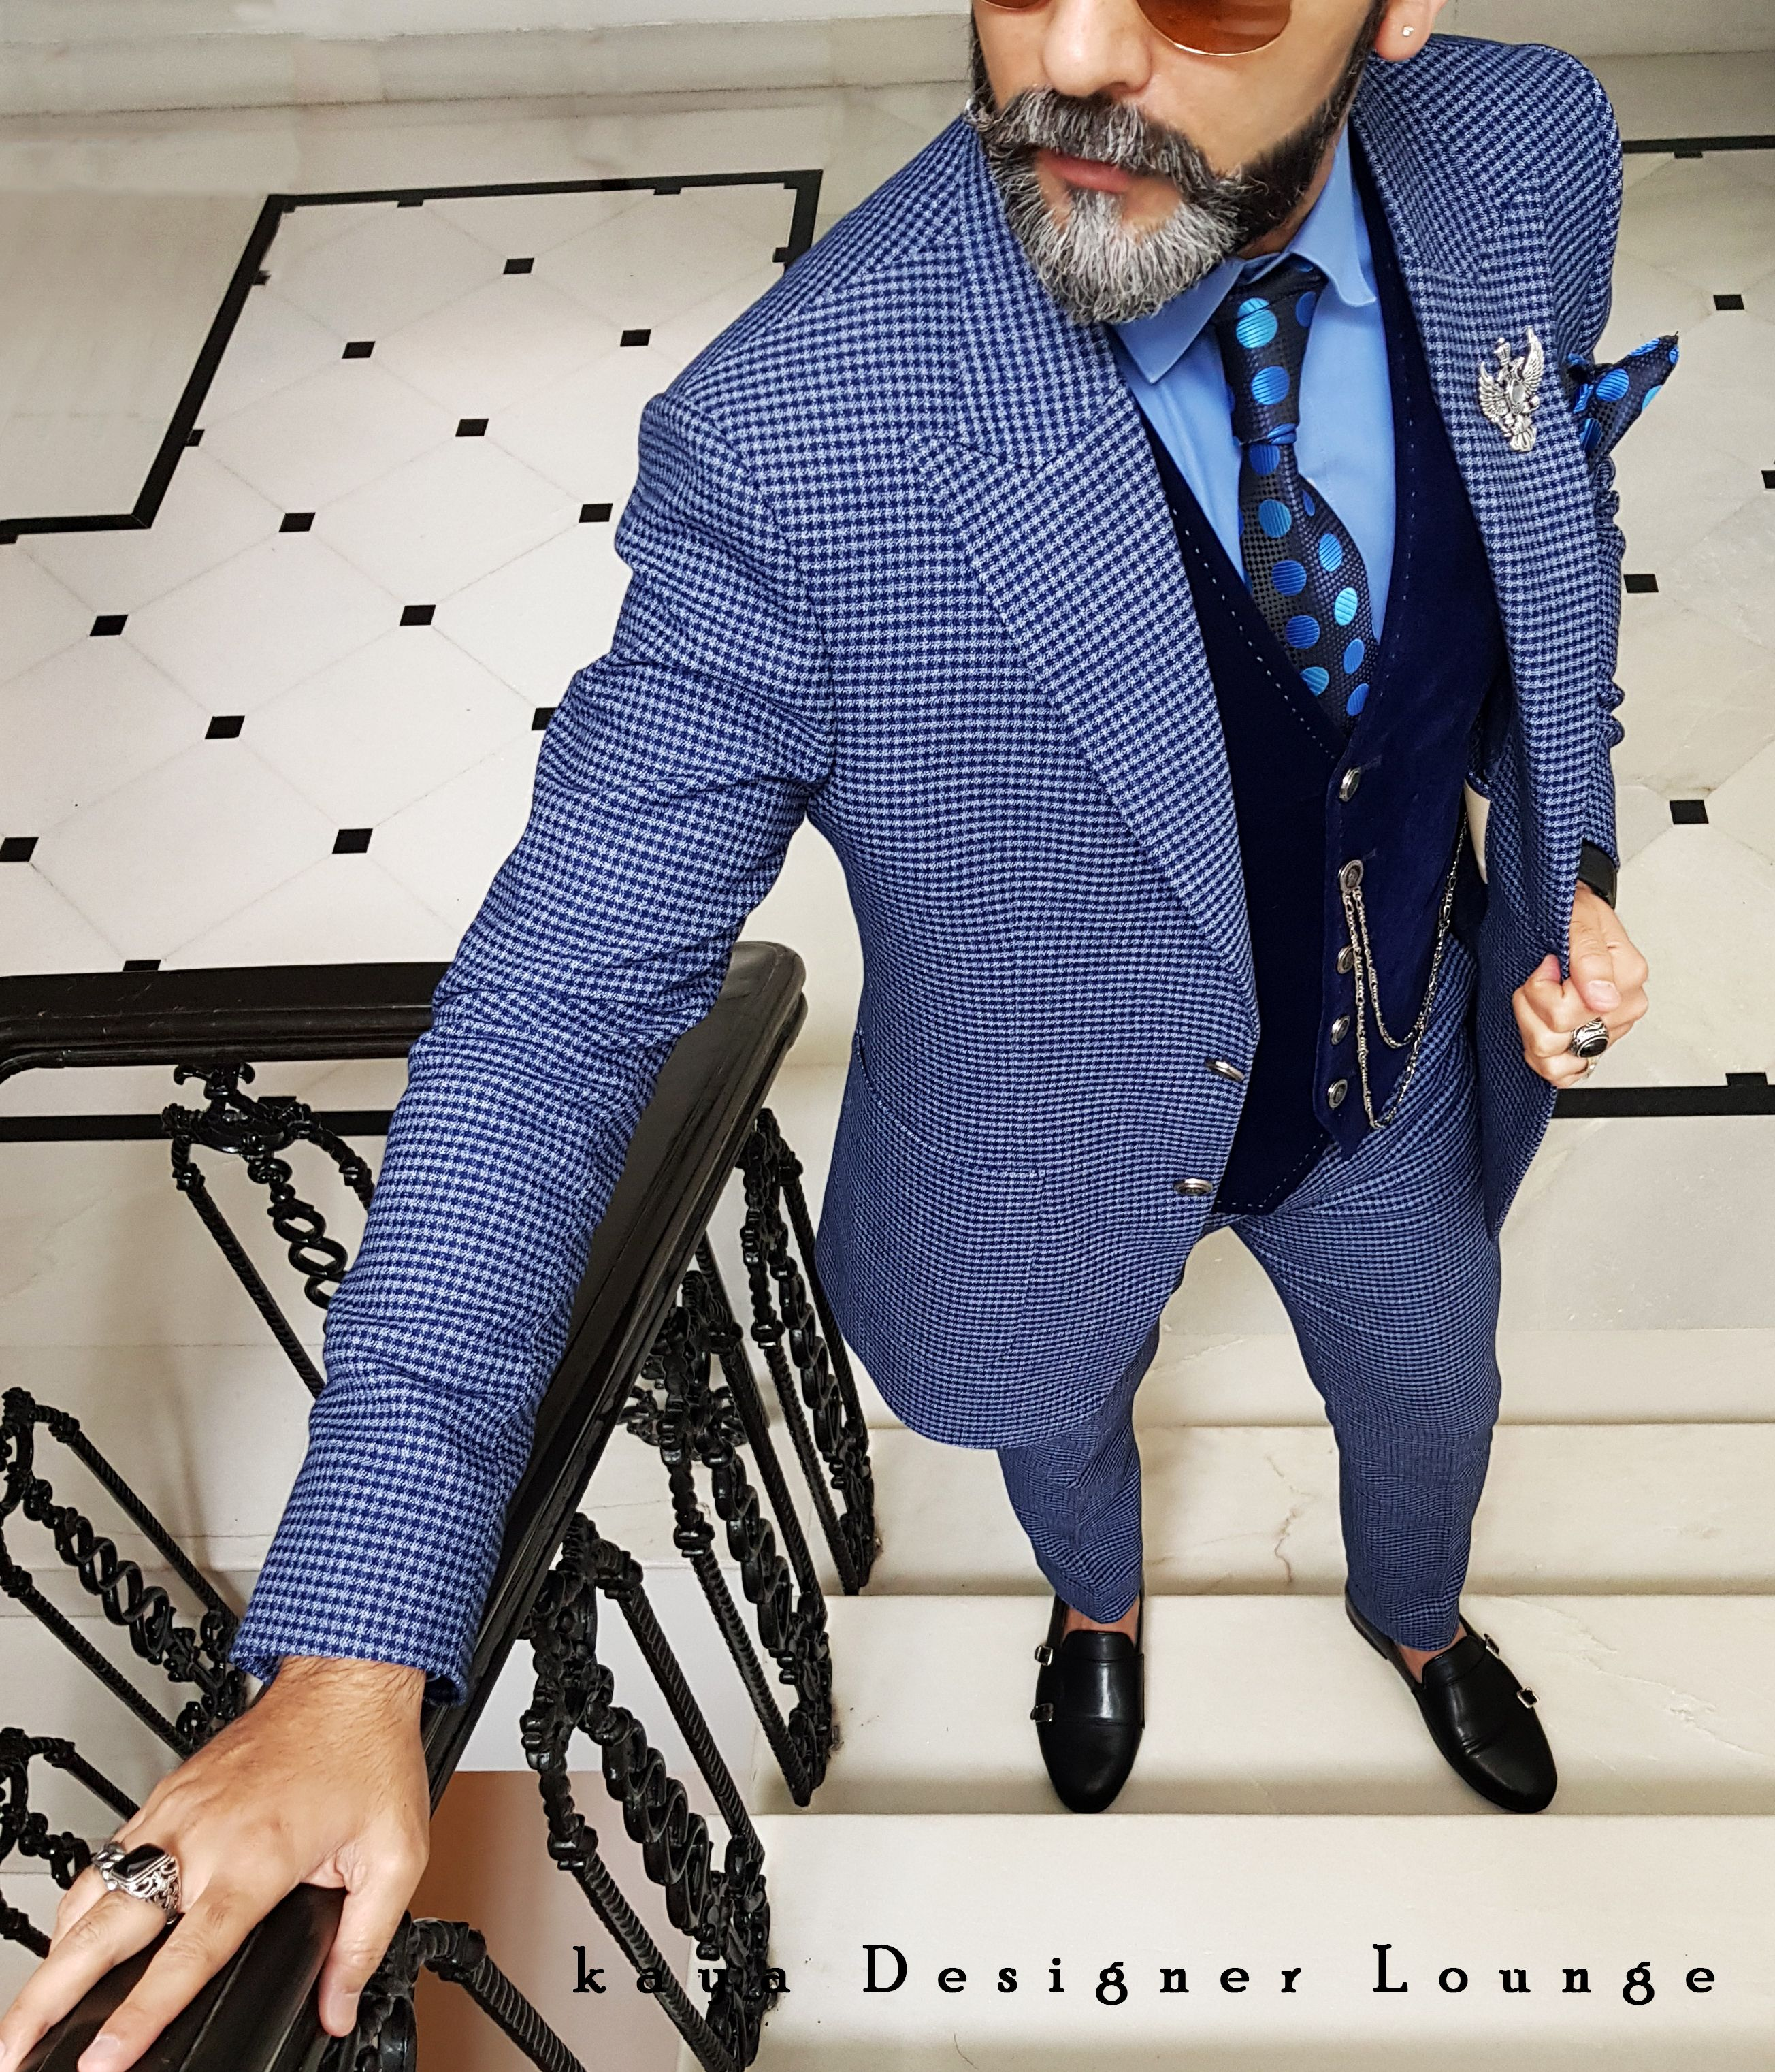 Suit Suitup Tuxedo Menwithclass Mens Fashion Blogger Menstyle British Suit Formal Suit Classy Instasui Black Three Piece Suit Formal Suits Men Well Dressed Men